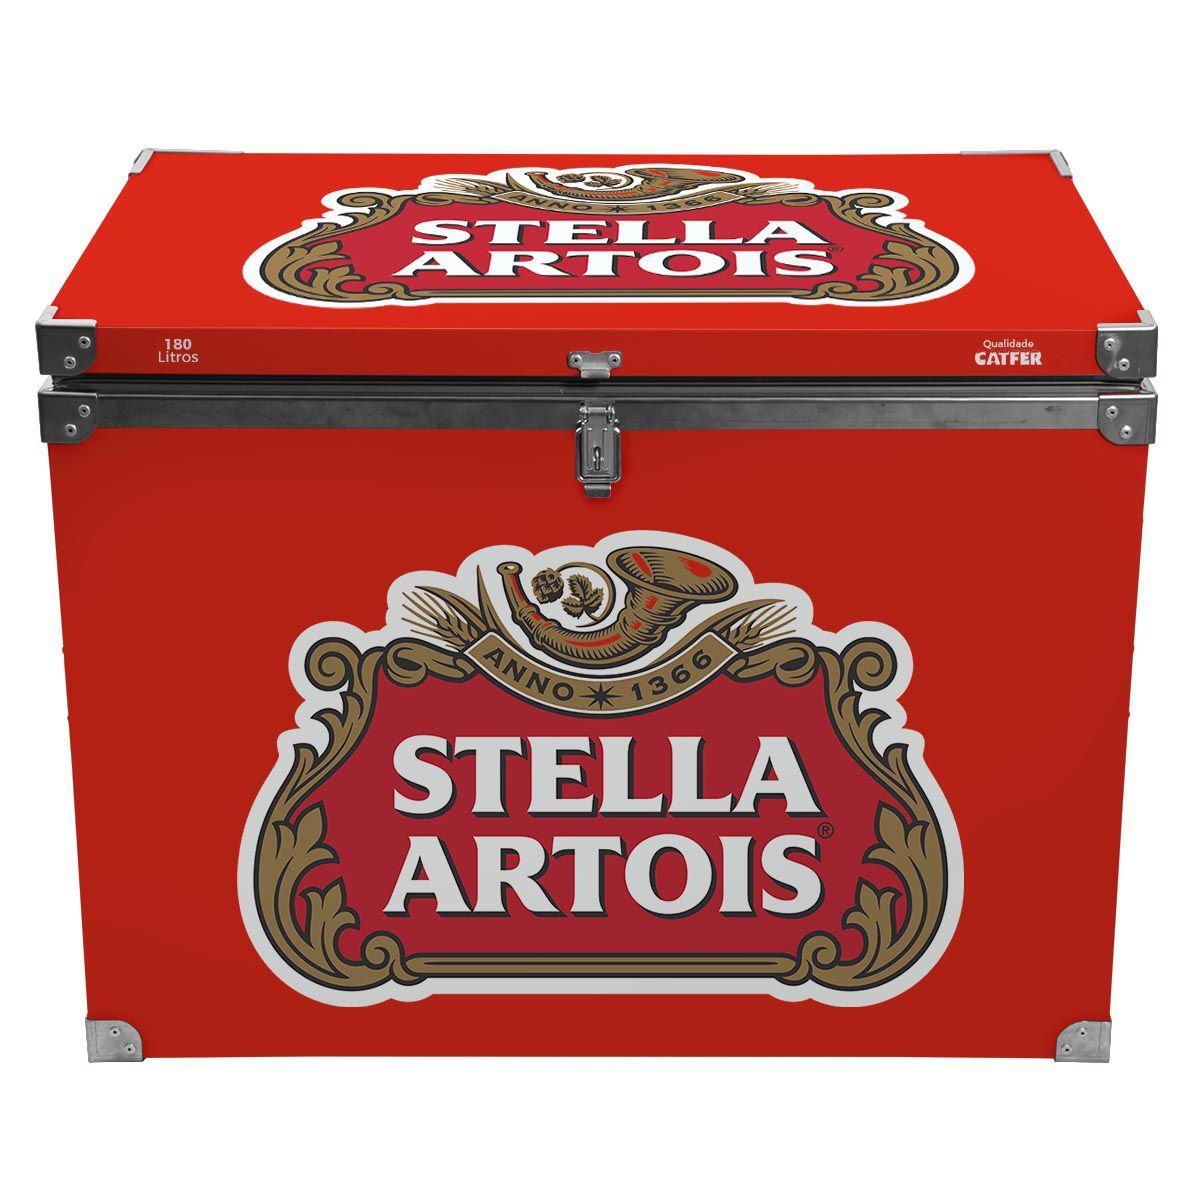 Caixa Térmica 180 Litros Stella